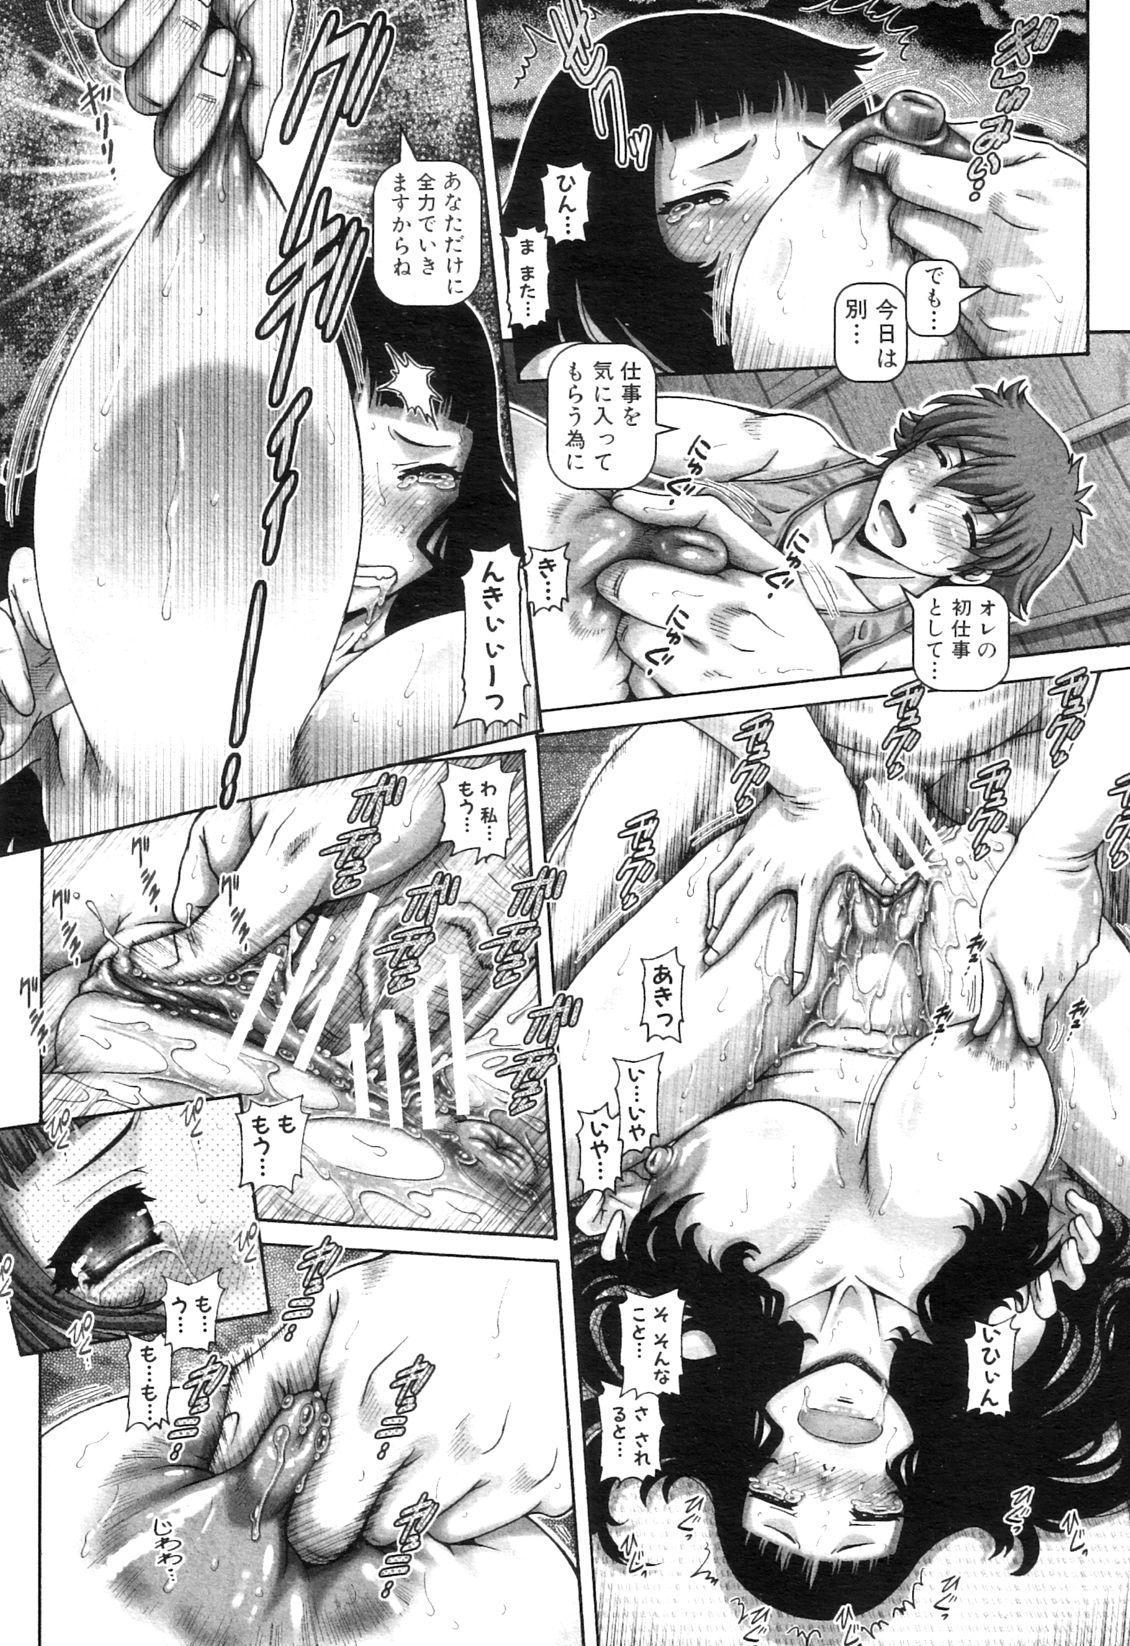 Ayakashiyakata no Tamahime 25